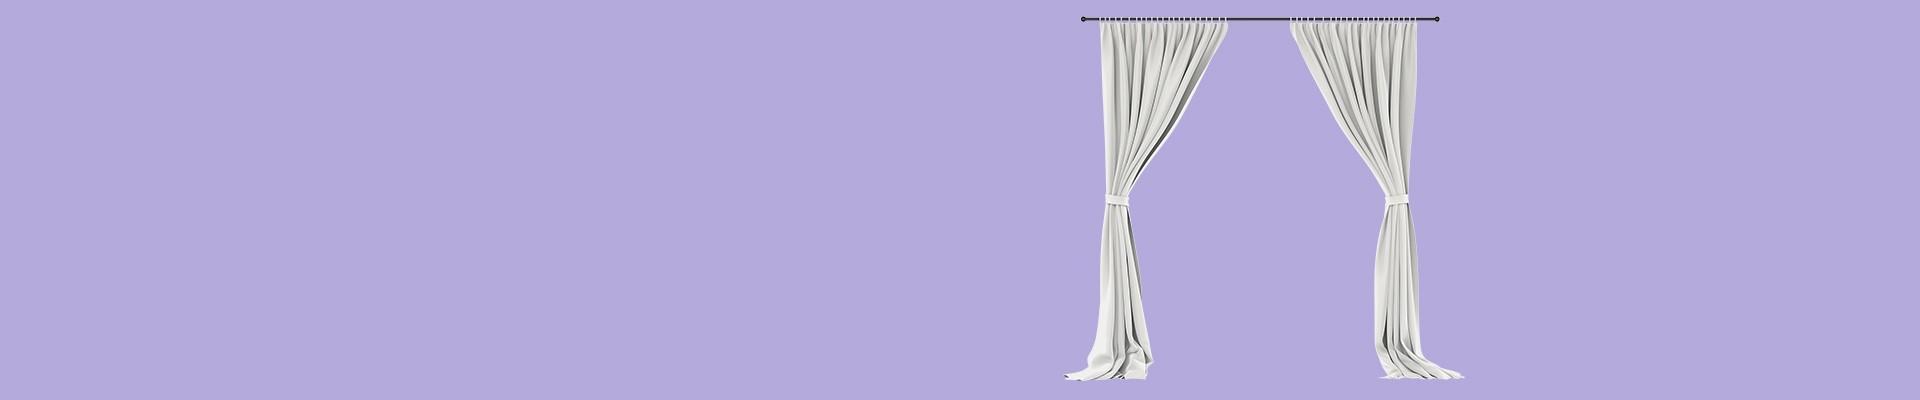 Jual Gorden & Tirai Model Unik Terbaru - Harga Kerai Murah